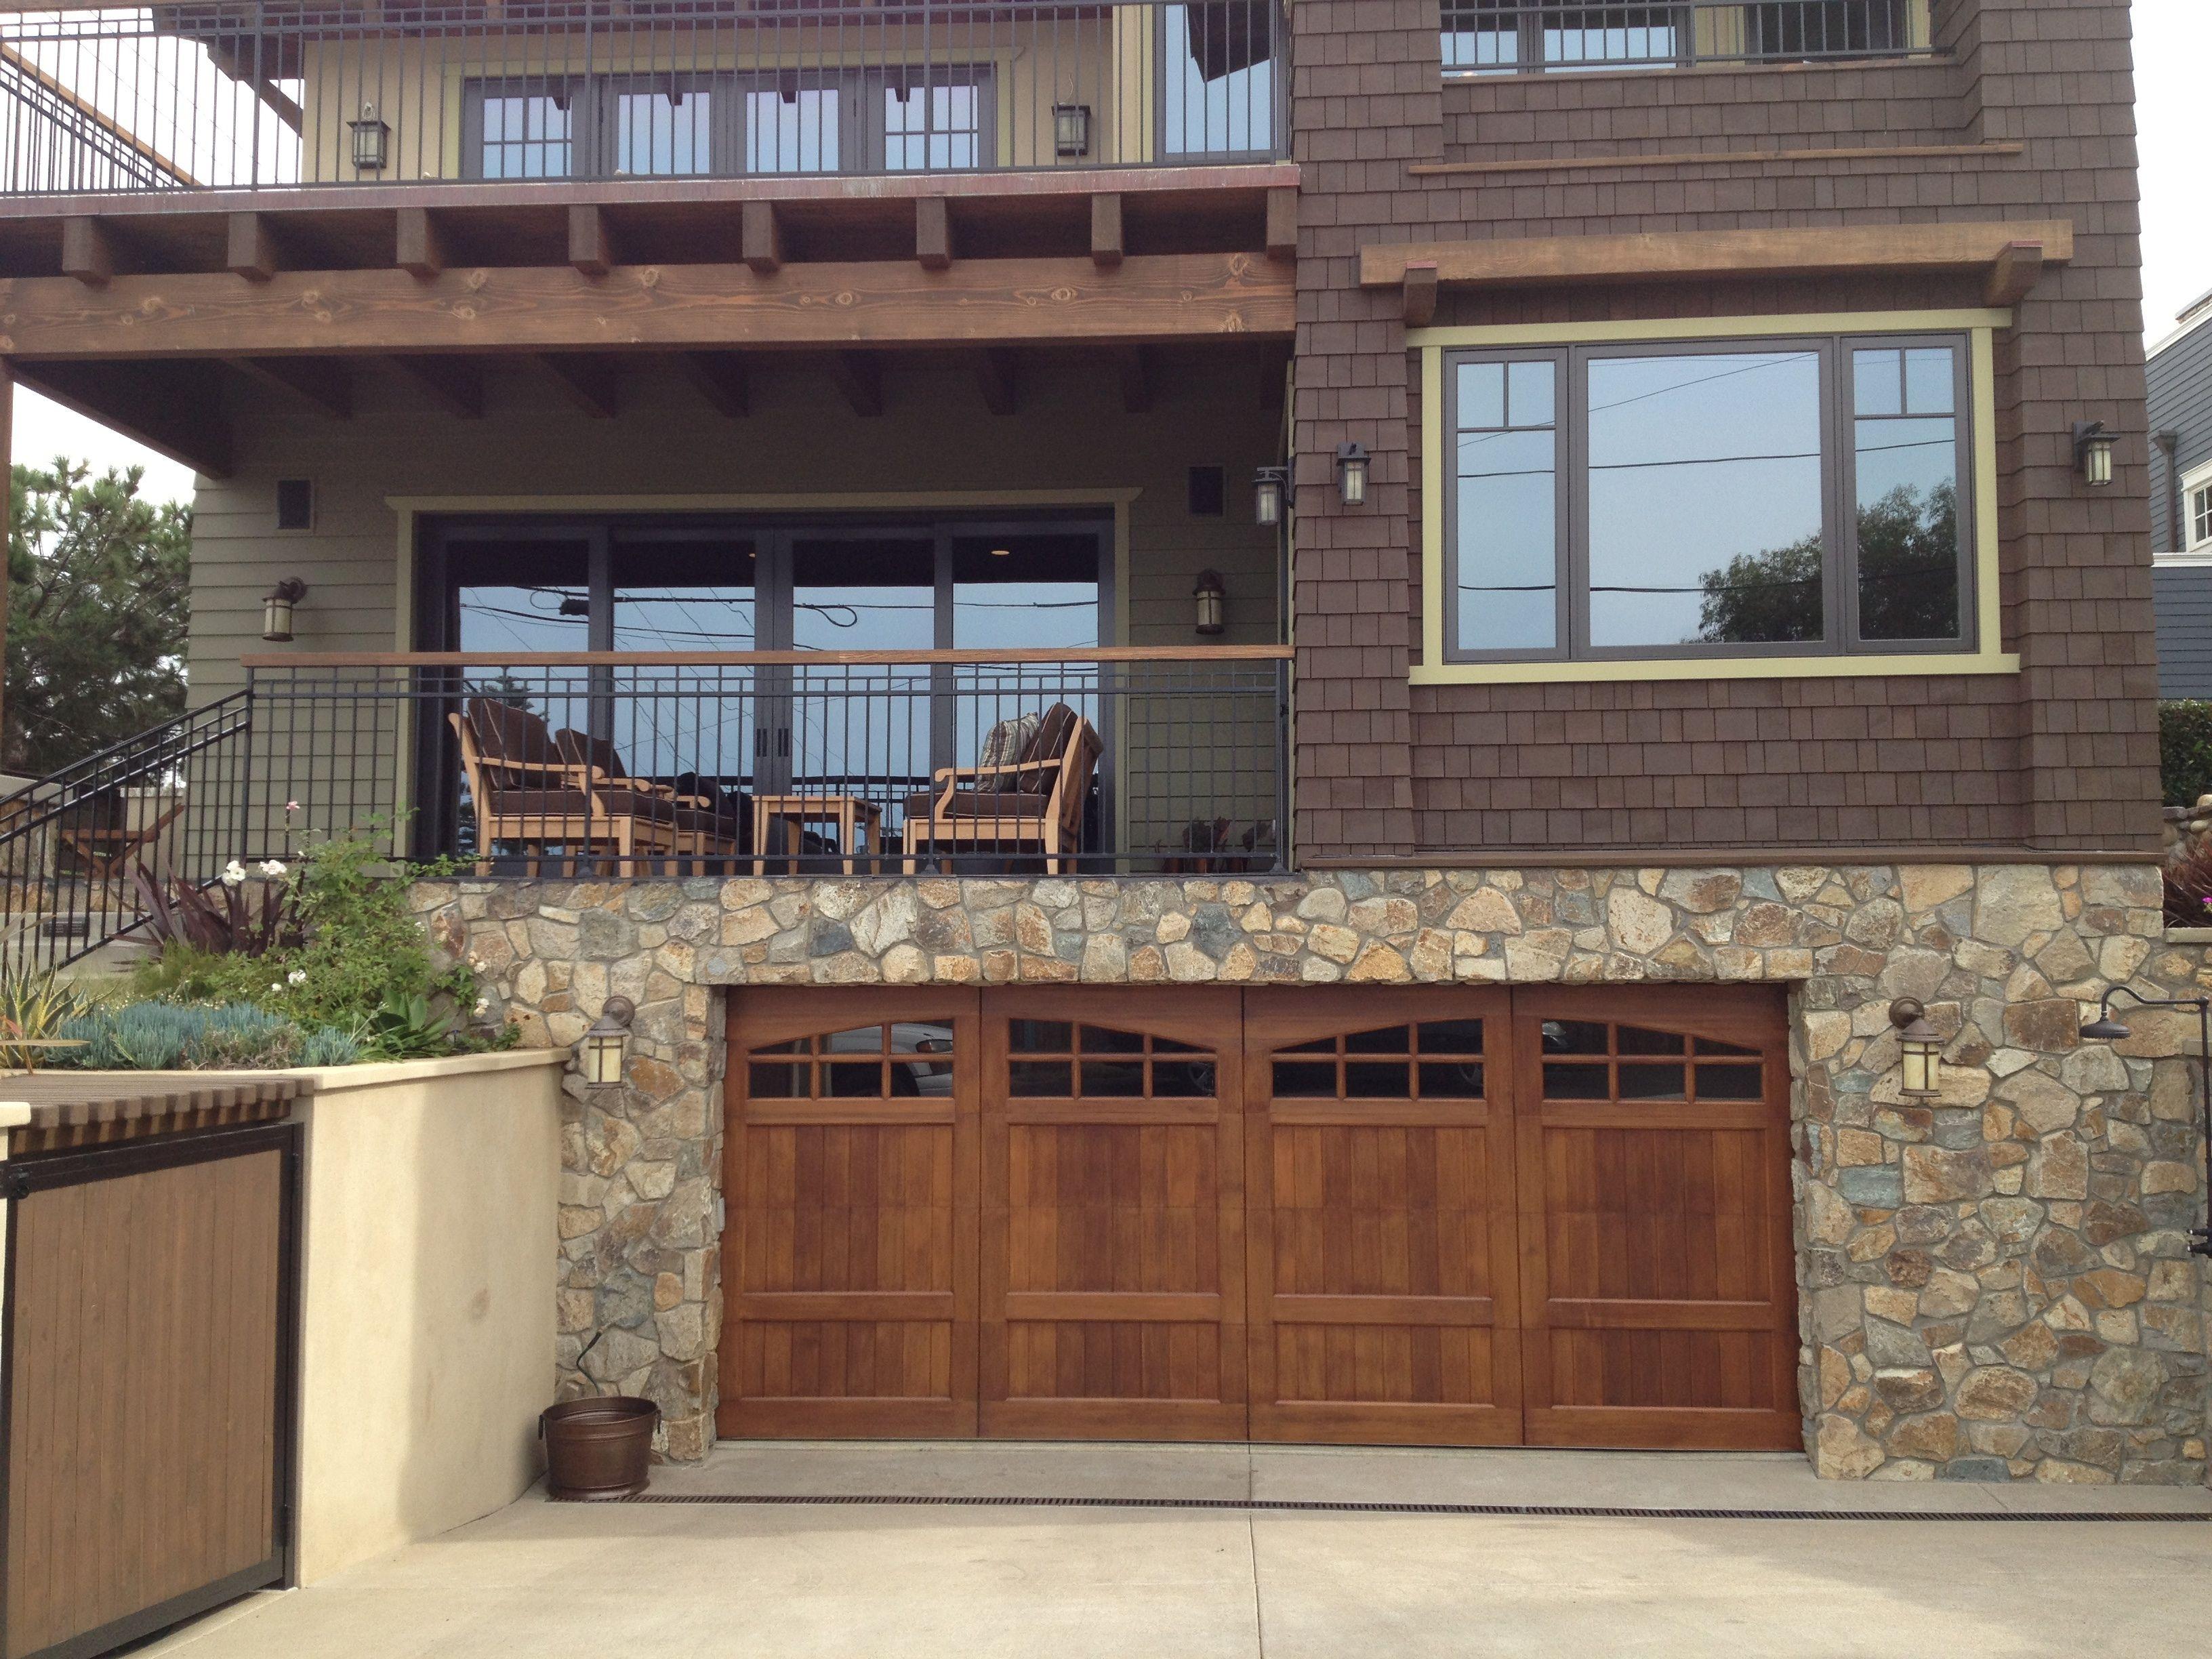 Design Your Door By Castle Improvements In San Diego Garage Doors Garage Door Installation Custom Wood Garage Doors